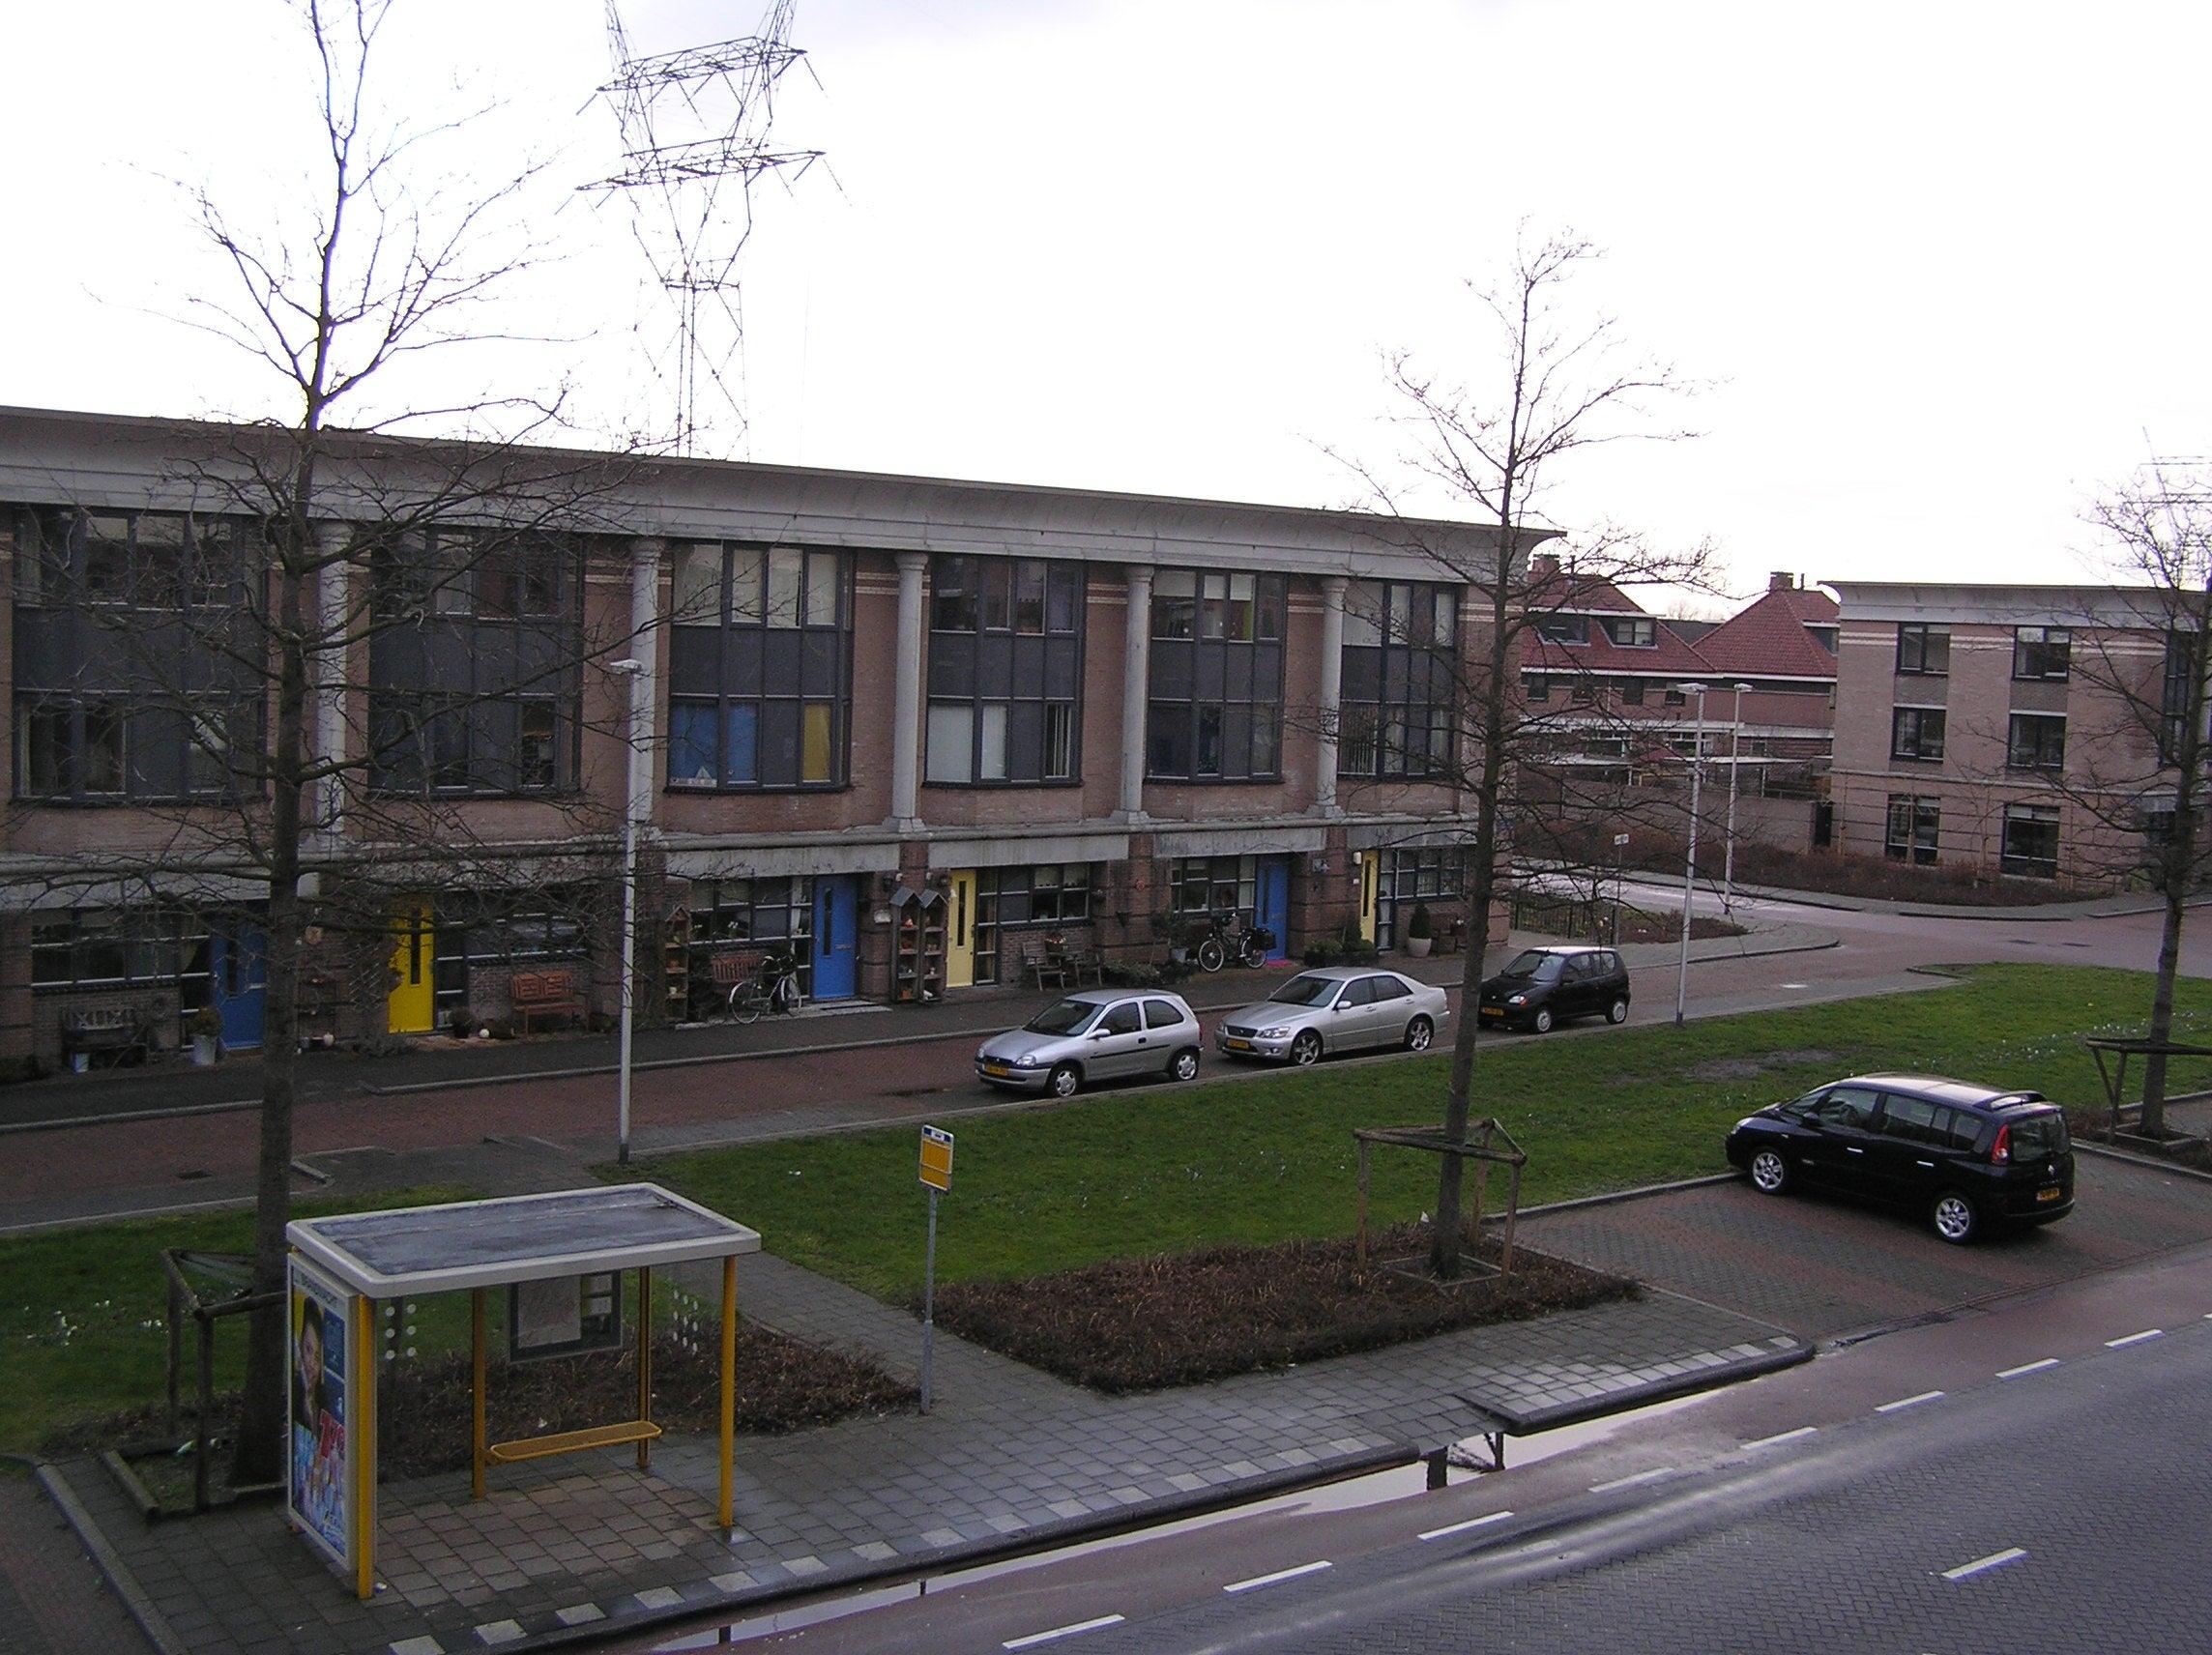 Torenwacht, Leiderdorp